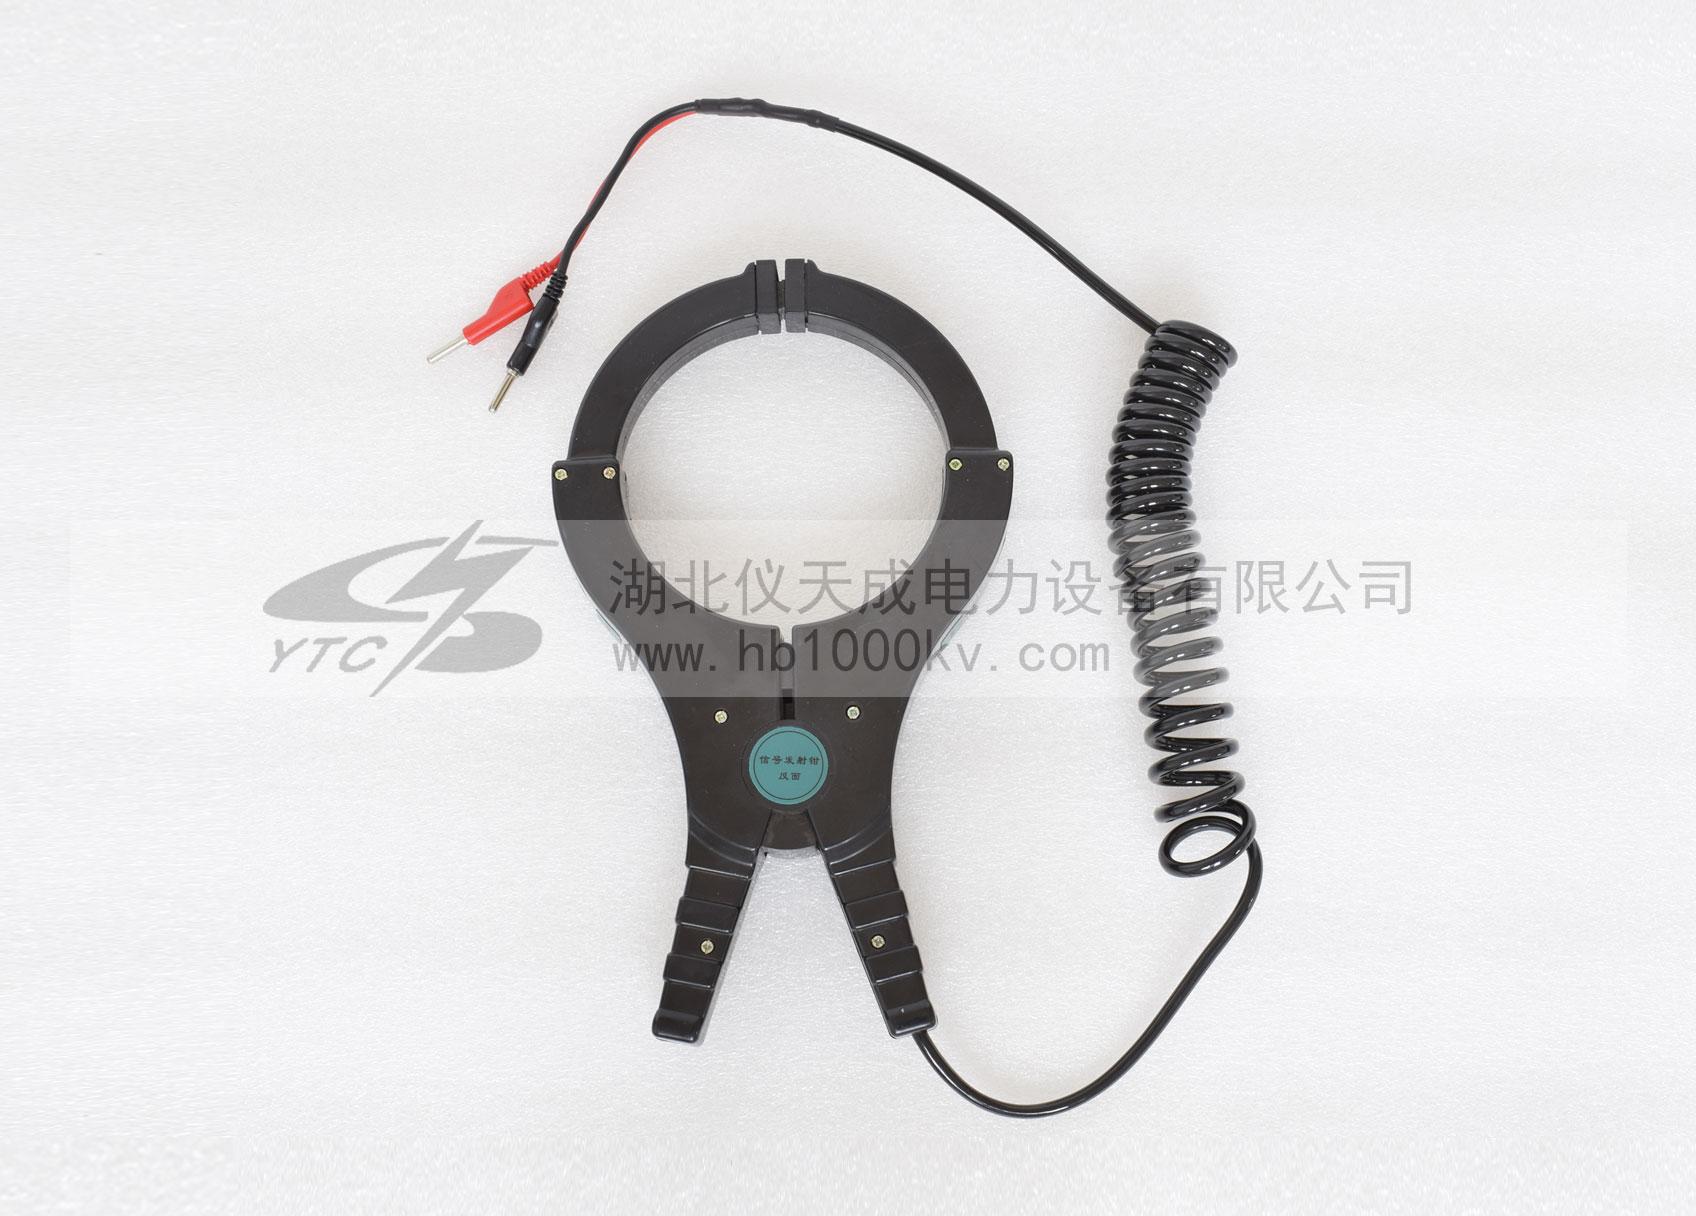 YTC601A带电电缆识别仪输出耦合钳